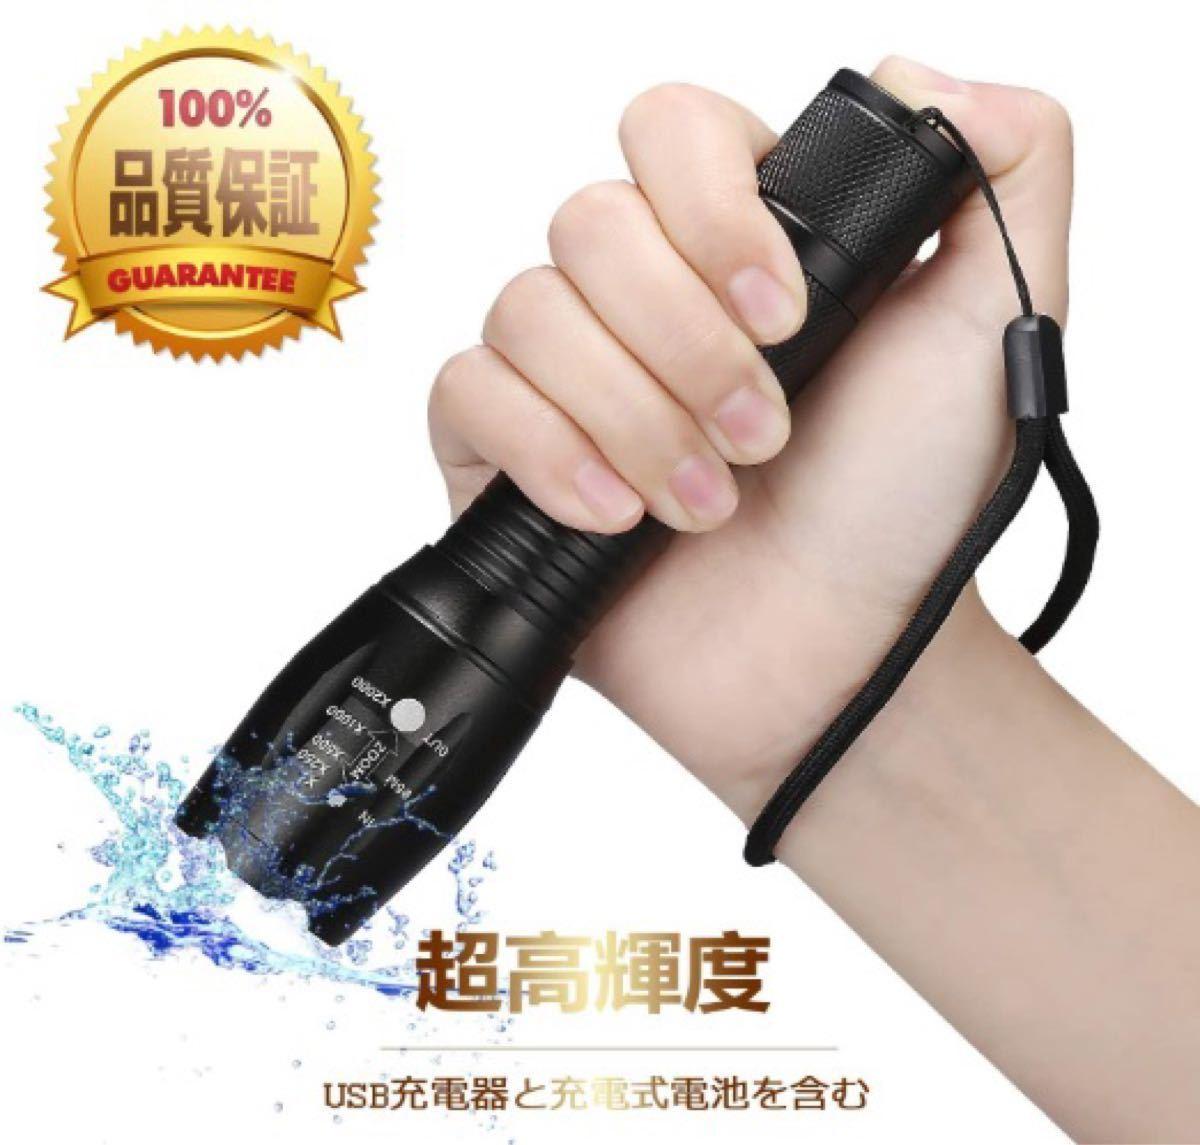 ★USBケーブル付き★懐中電灯 led 強力USB充電式 防水 緊急携帯電話充電